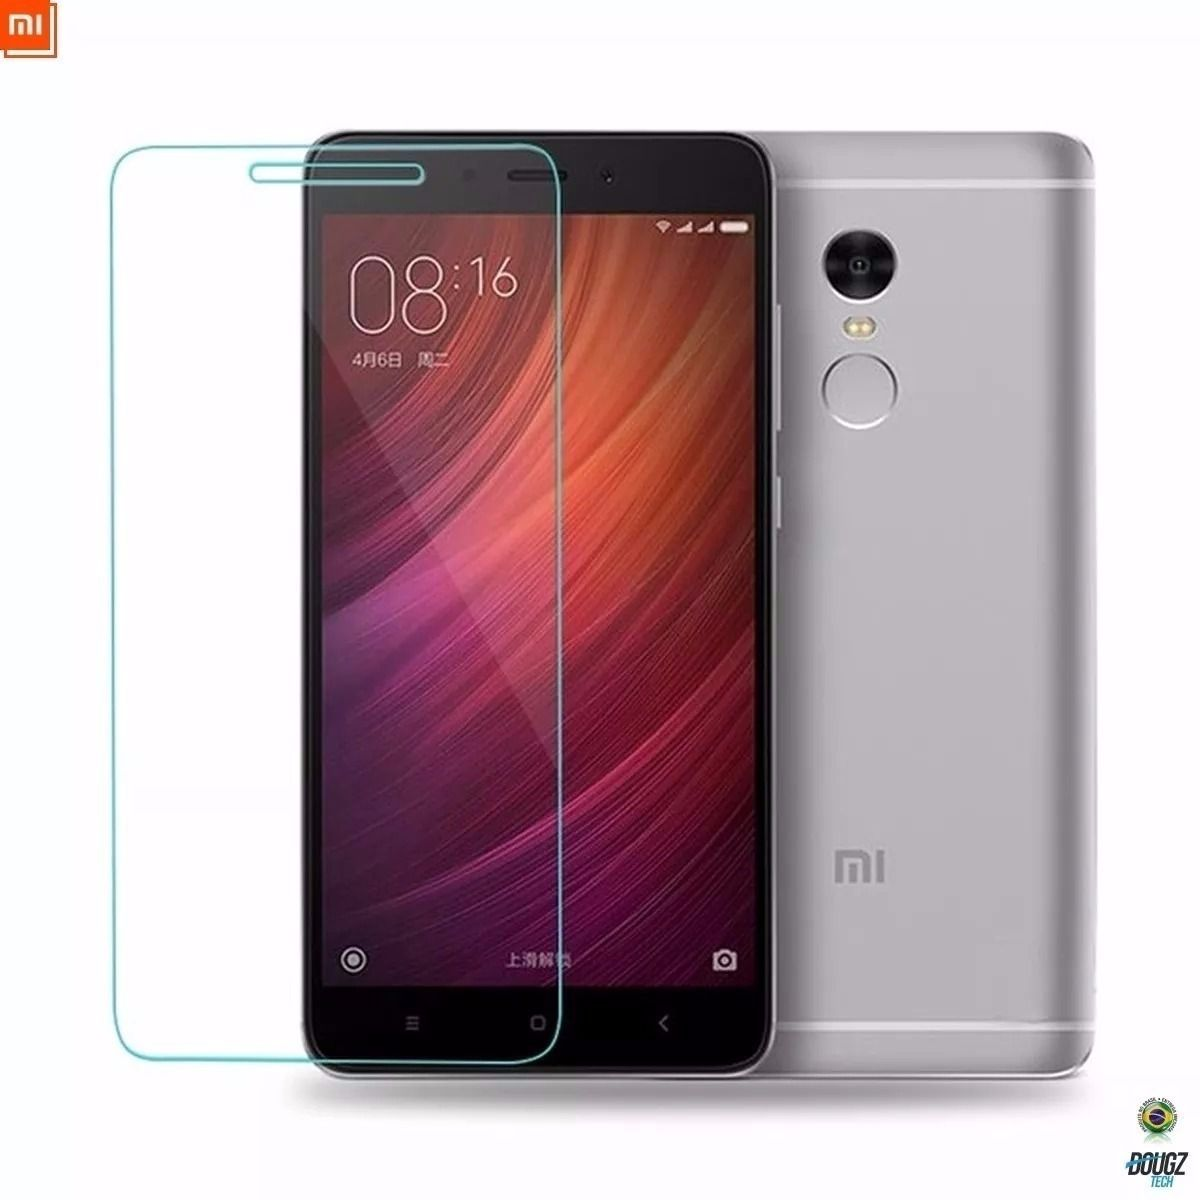 Película de Vidro para Xiaomi Redmi Note 4 tela de 5,5 polegadas